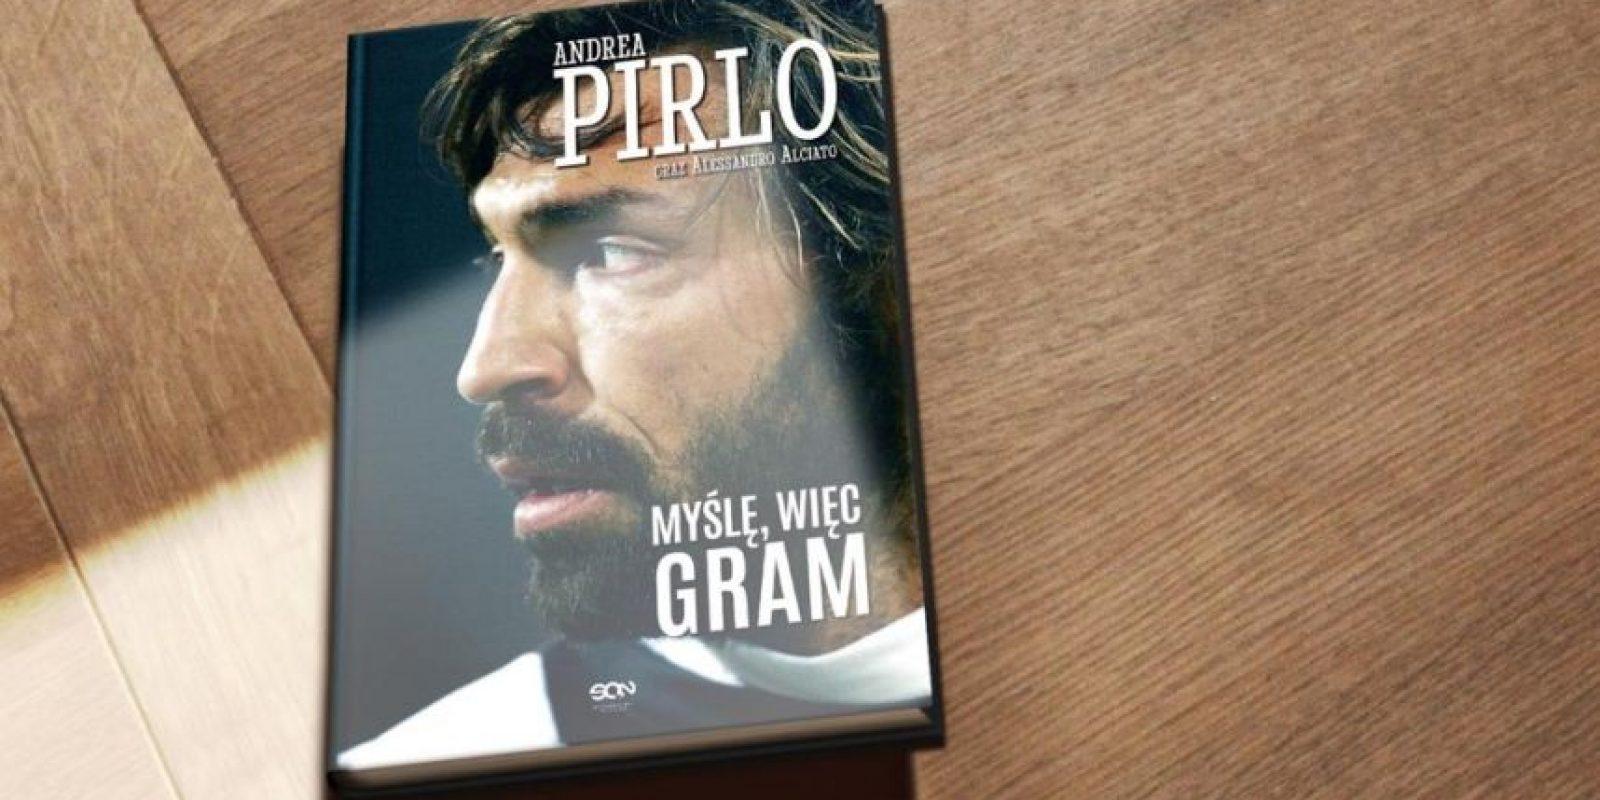 """Bueno, en general su libro, pero la portada de la obra es grandiosa. En 2013, Pirlo publicó su autobiografía titulada """"Pienso, luego juego"""". En ella narra su etapa como futbolista hasta ese año, cuando ya militaba en la Juventus. Foto:Vía Twitter.com/Pirlo_Official"""